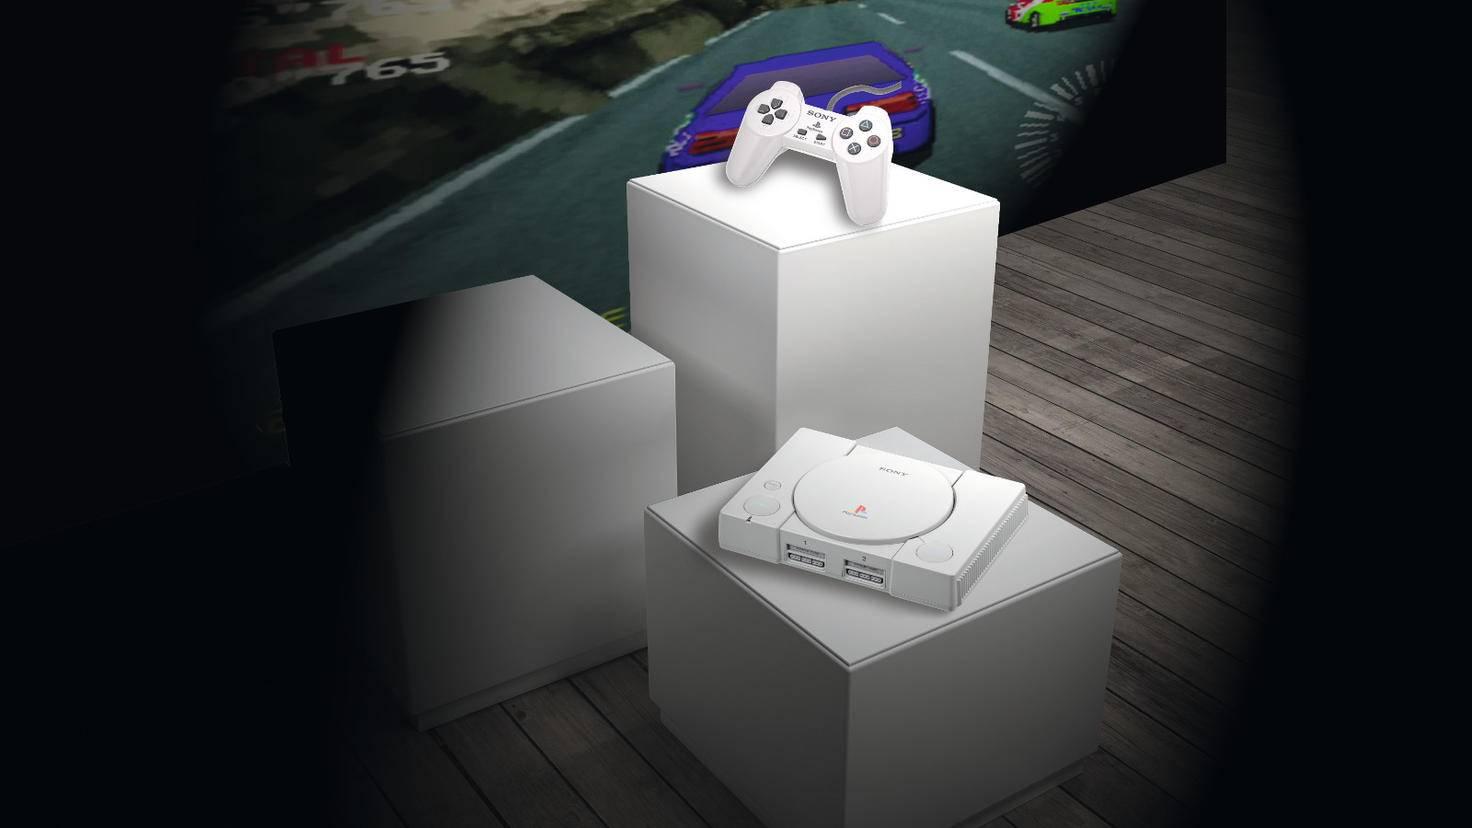 Mit 3D-Power und den weltbesten Entwicklern übernimmt die Sony PlayStation Mitte der 1990er-Jahre den Konsolenmarkt.